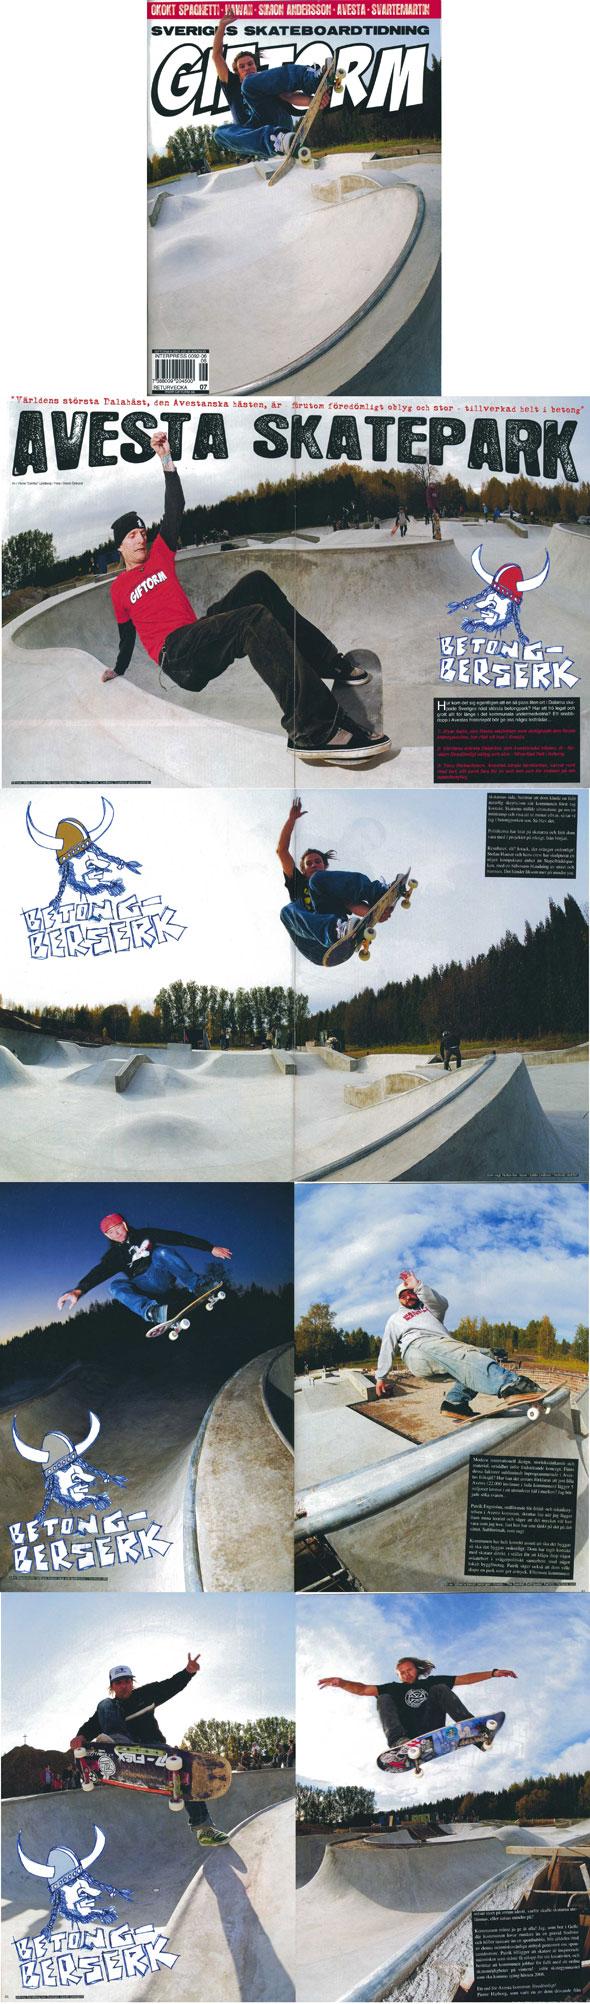 Best Skatepark Designs in the World